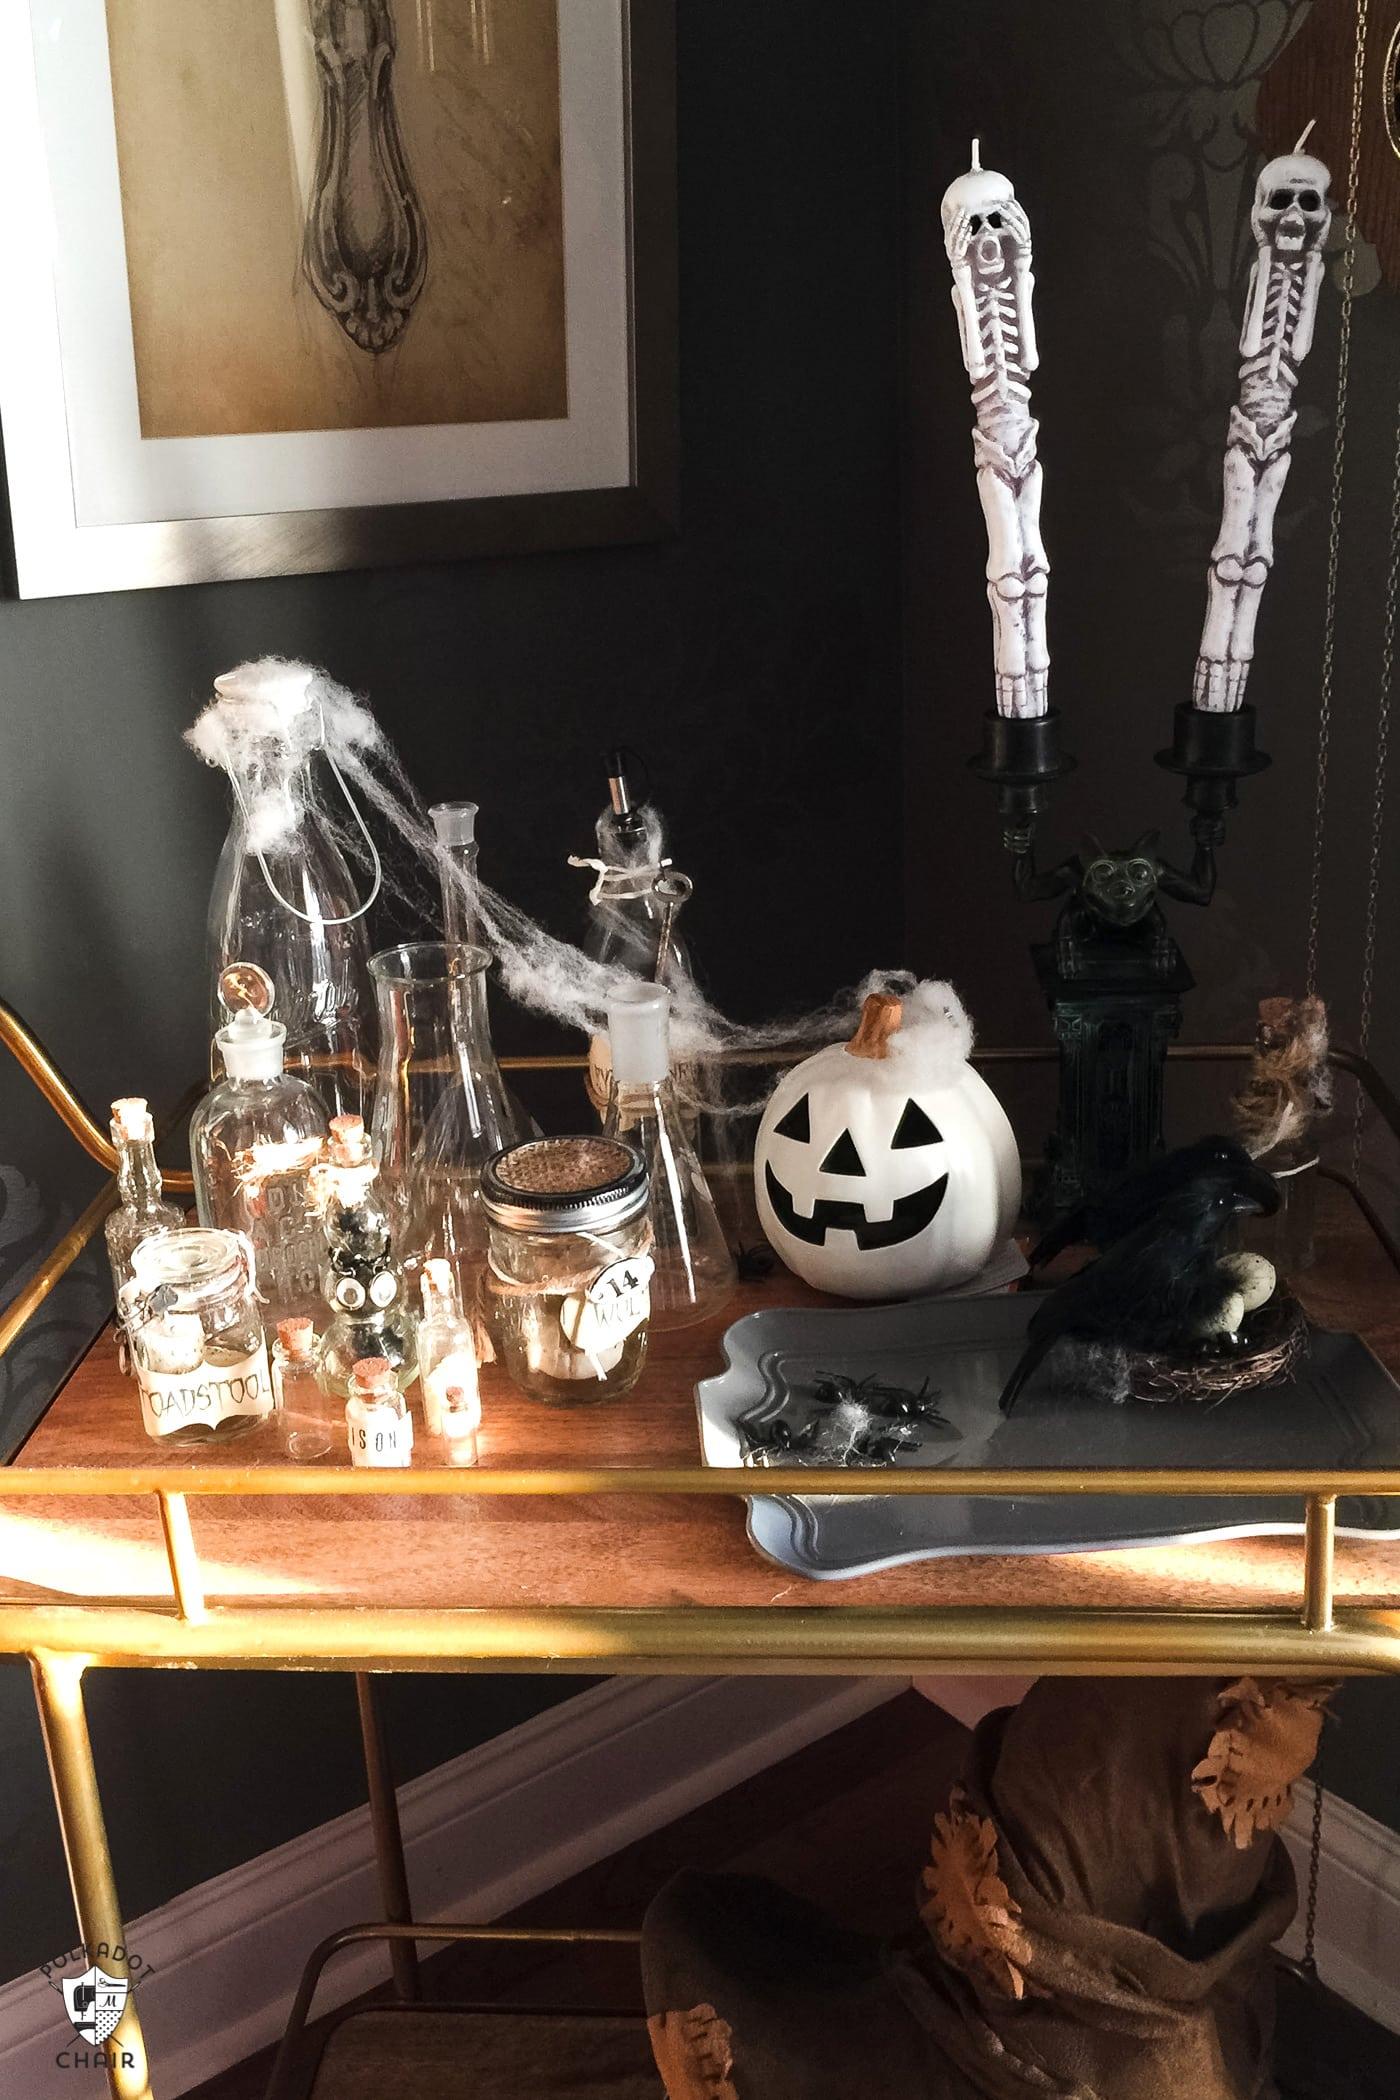 Cute And Spooky Halloween Dinner Ideas The Polka Dot Chair